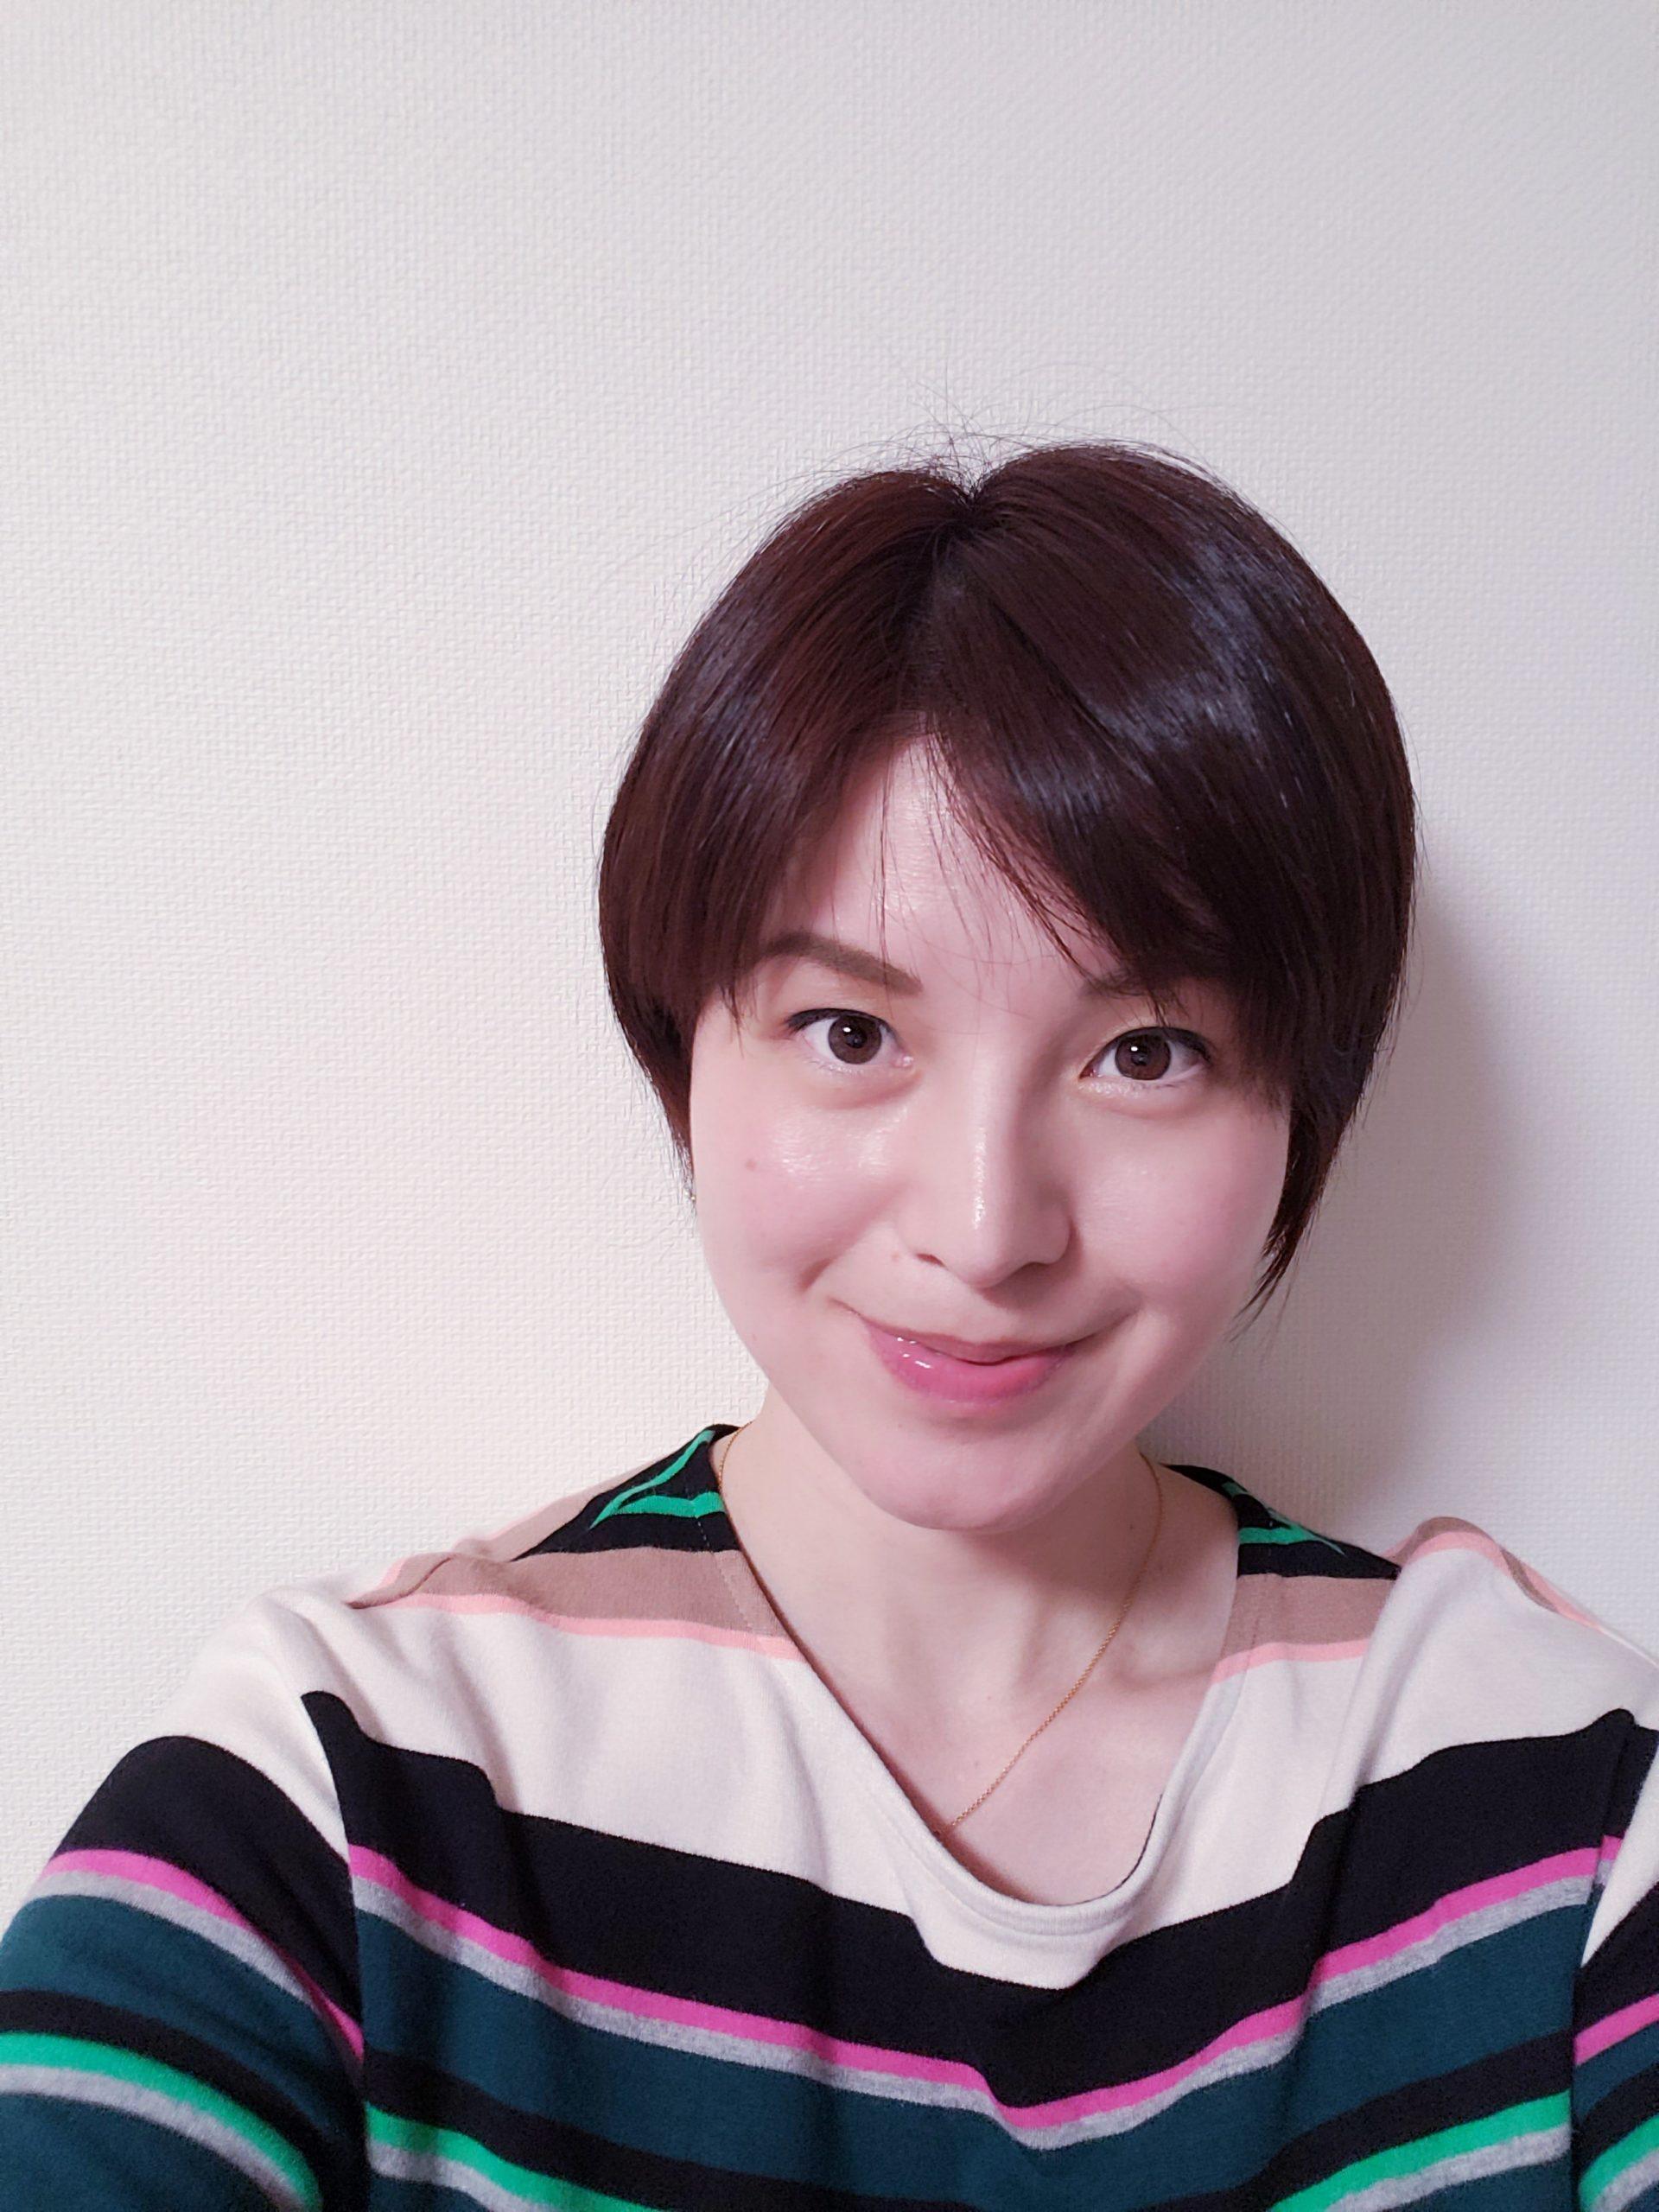 インテリアデザイナー講座の口コミ評判